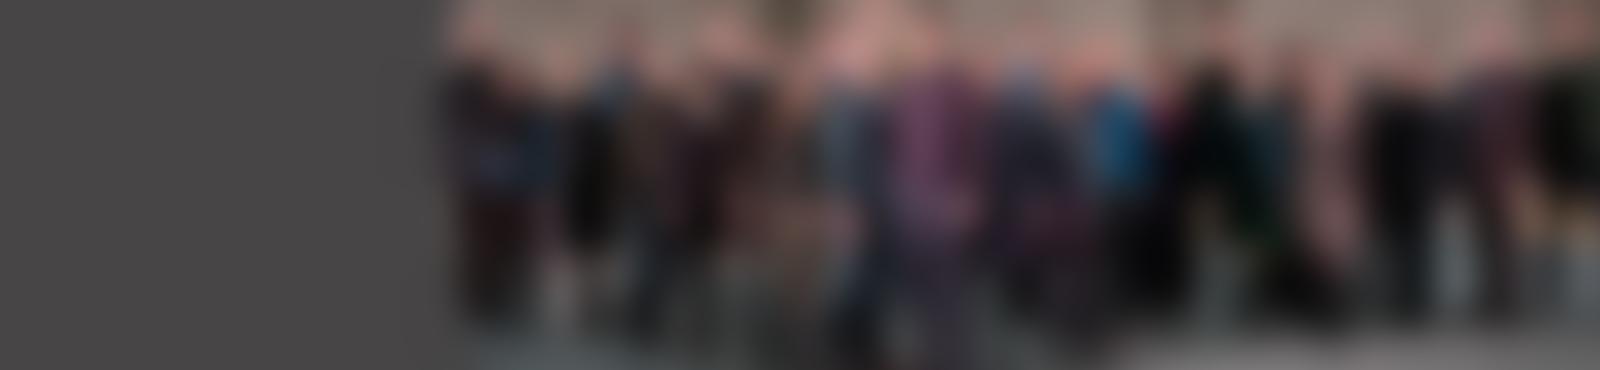 Blurred dcda33d8 aef1 4411 a6fb 714f3e92c33e